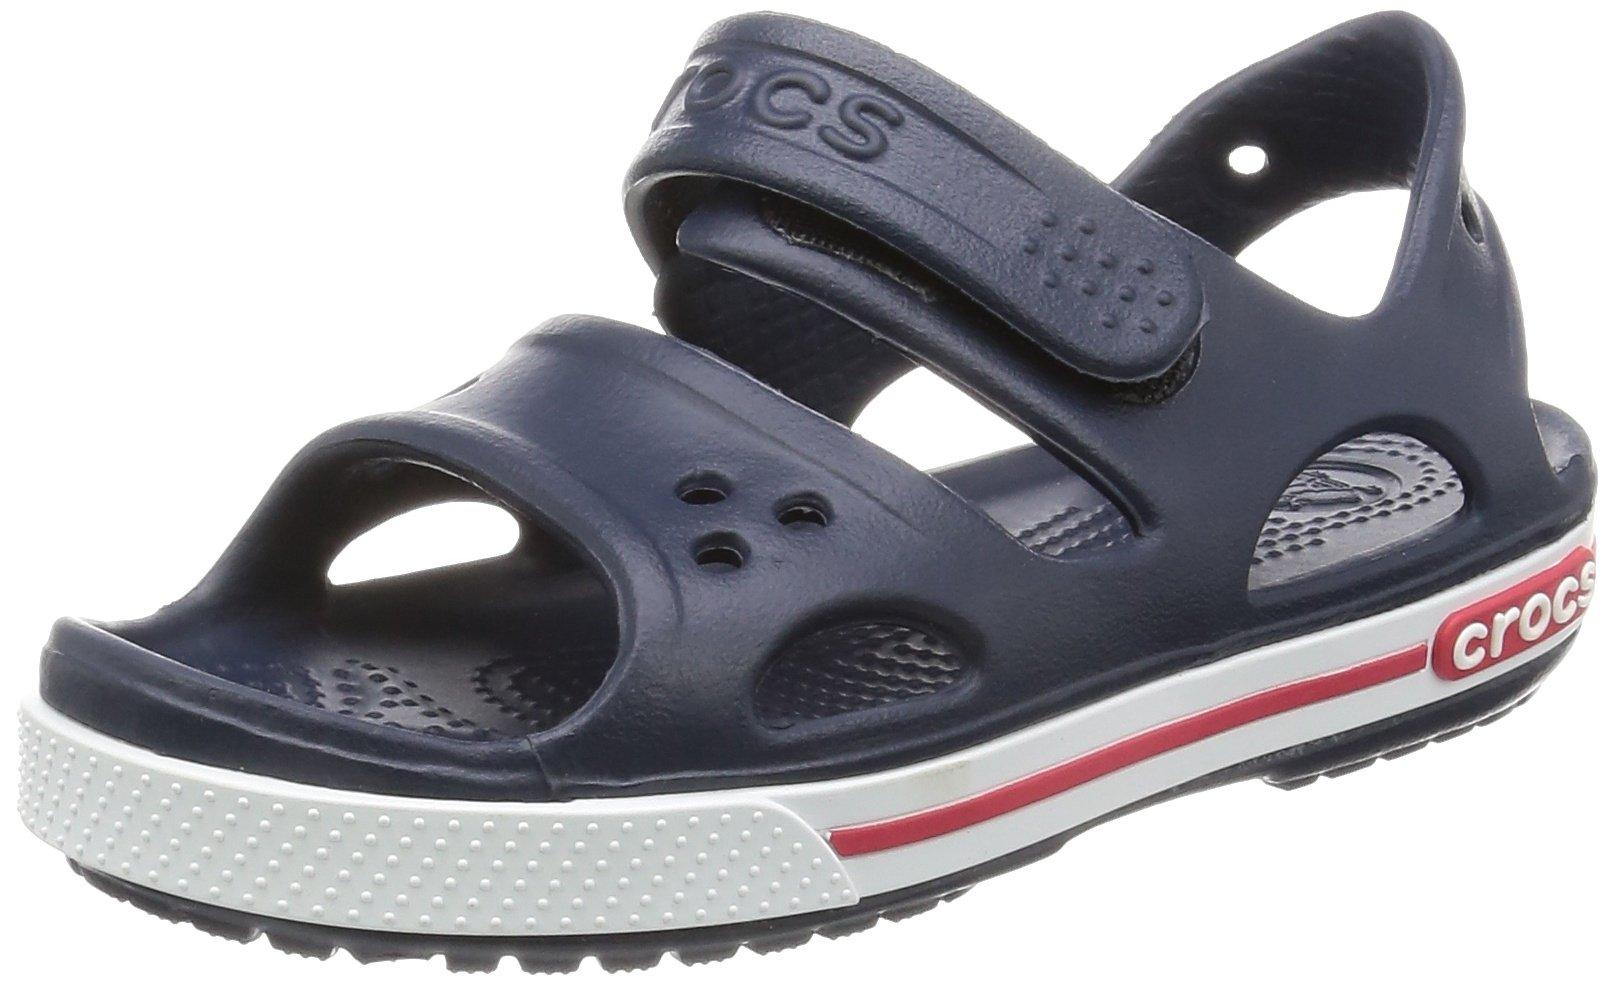 crocs Kids' Crocband II Sandal ,  Navy/White, 6 M US Toddler